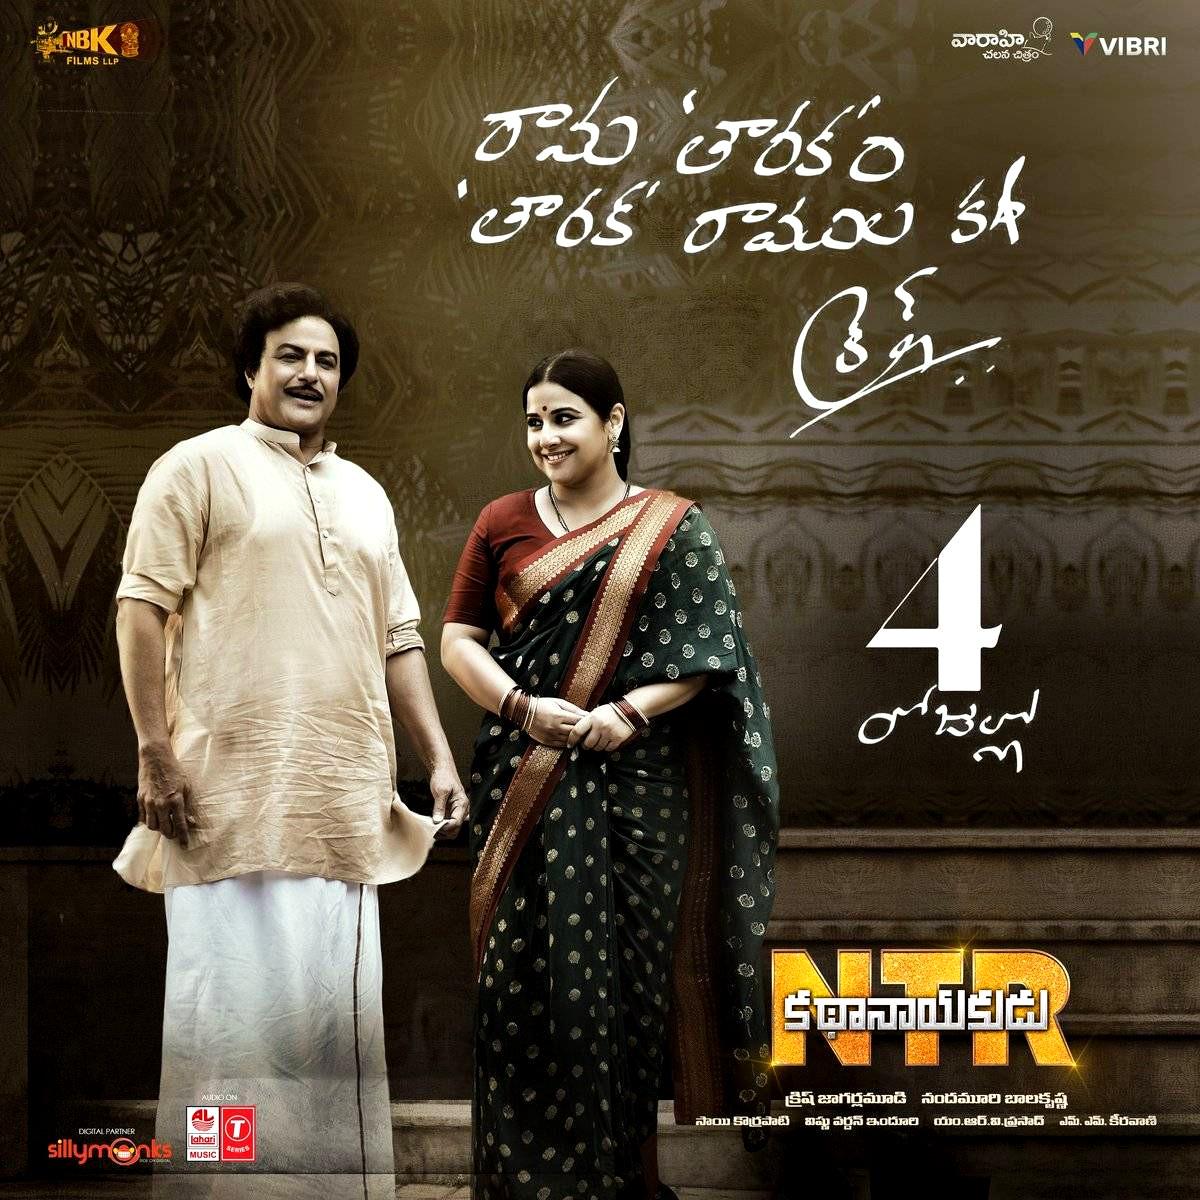 Balakrishna Vidya Balan NTR KathaNayakudu 4 days to go Poster